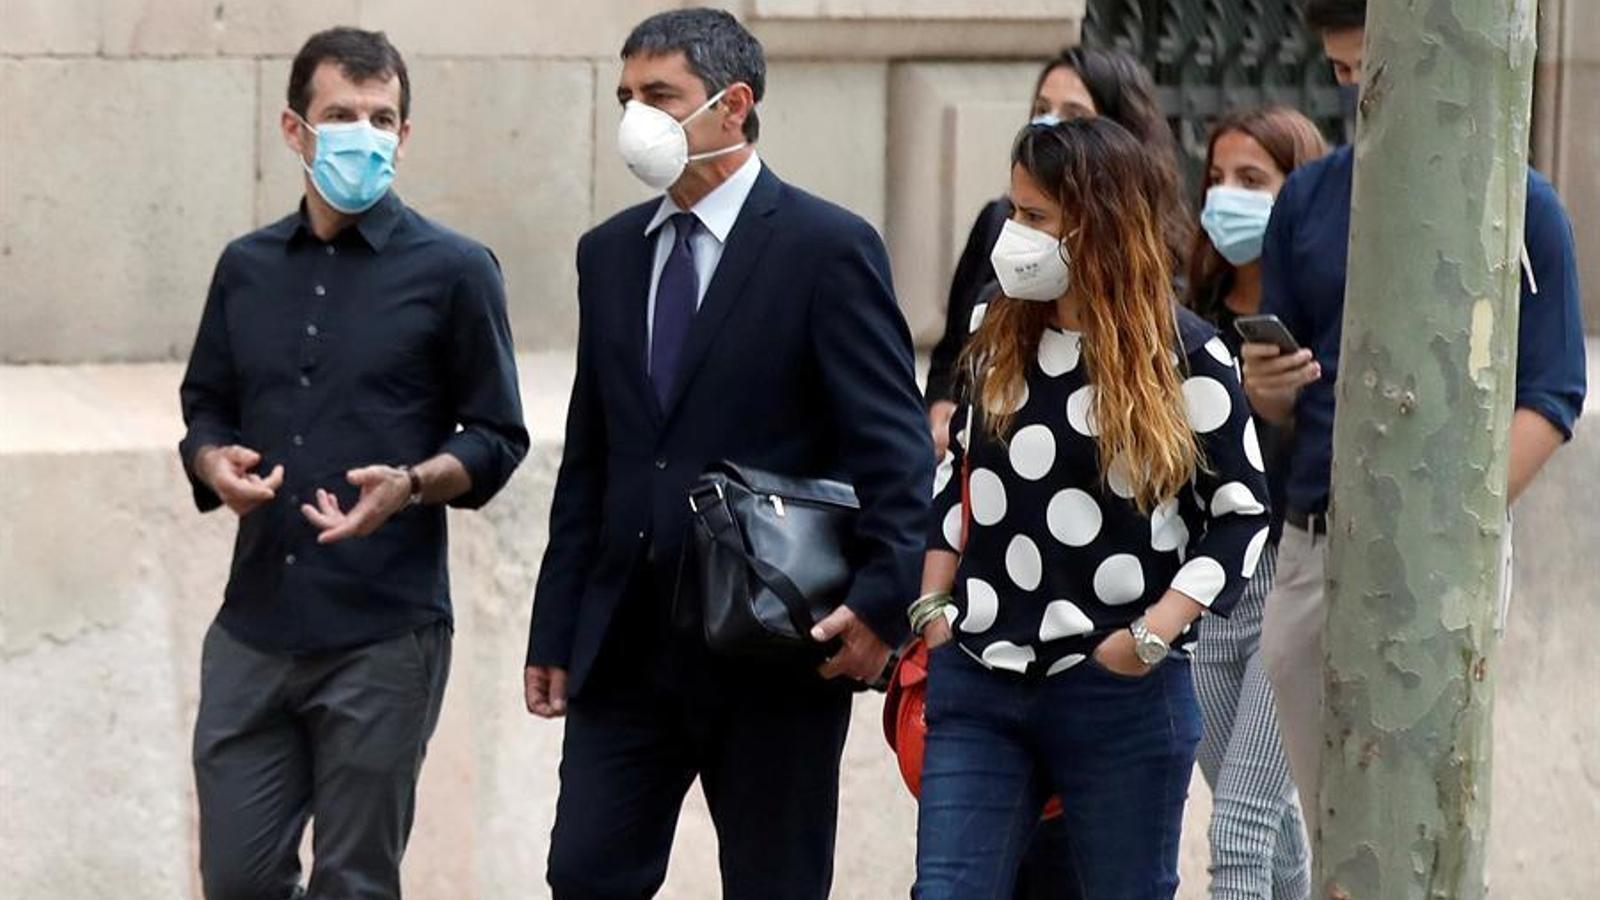 La Fiscalia rebaixa a 10 anys per sedició l'acusació contra Trapero i obre la porta perquè sigui només per desobediència